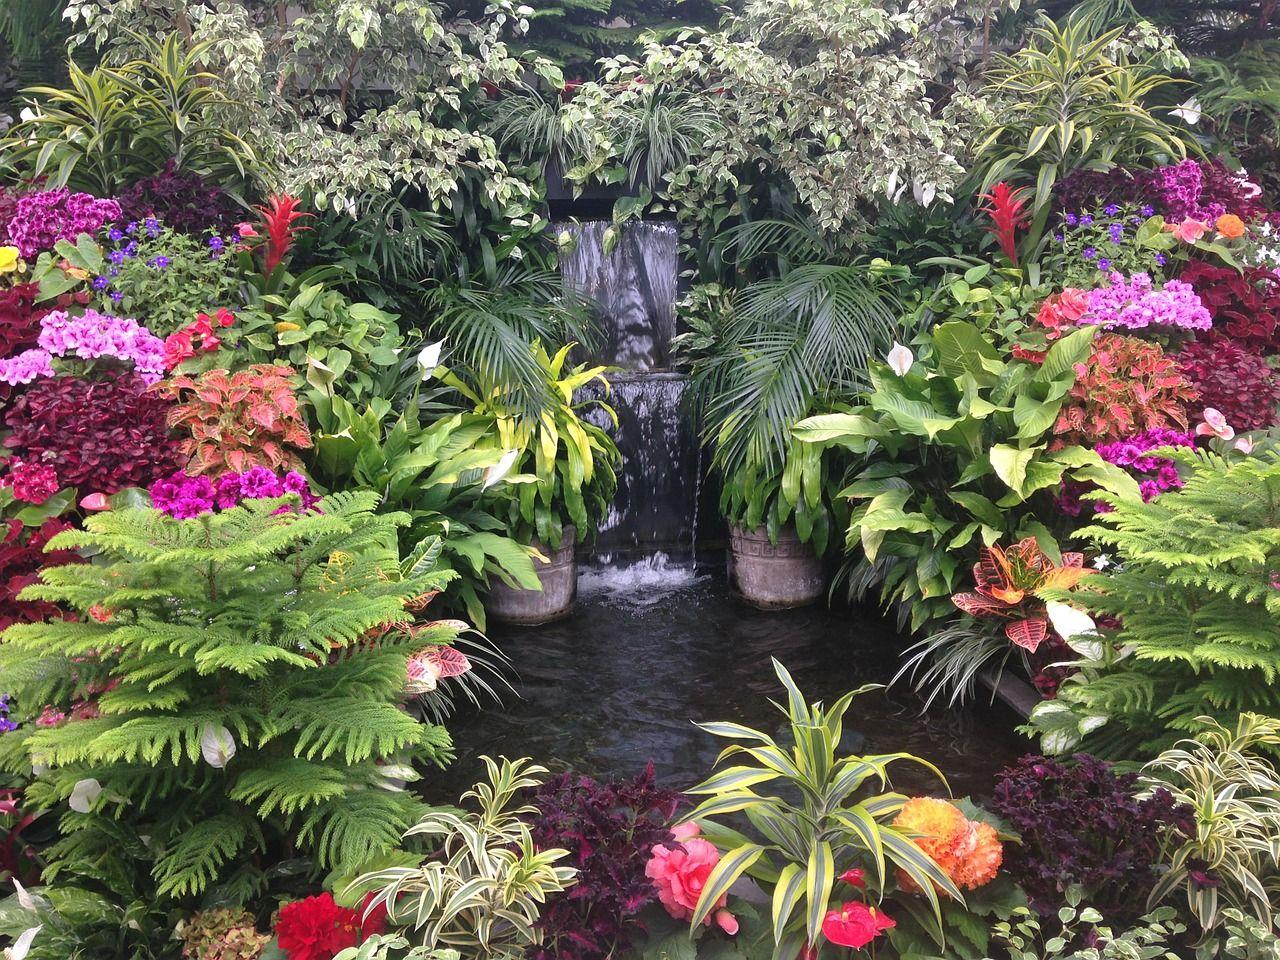 Con un estanque decorativo conseguirás movimiento y belleza en tu jardín